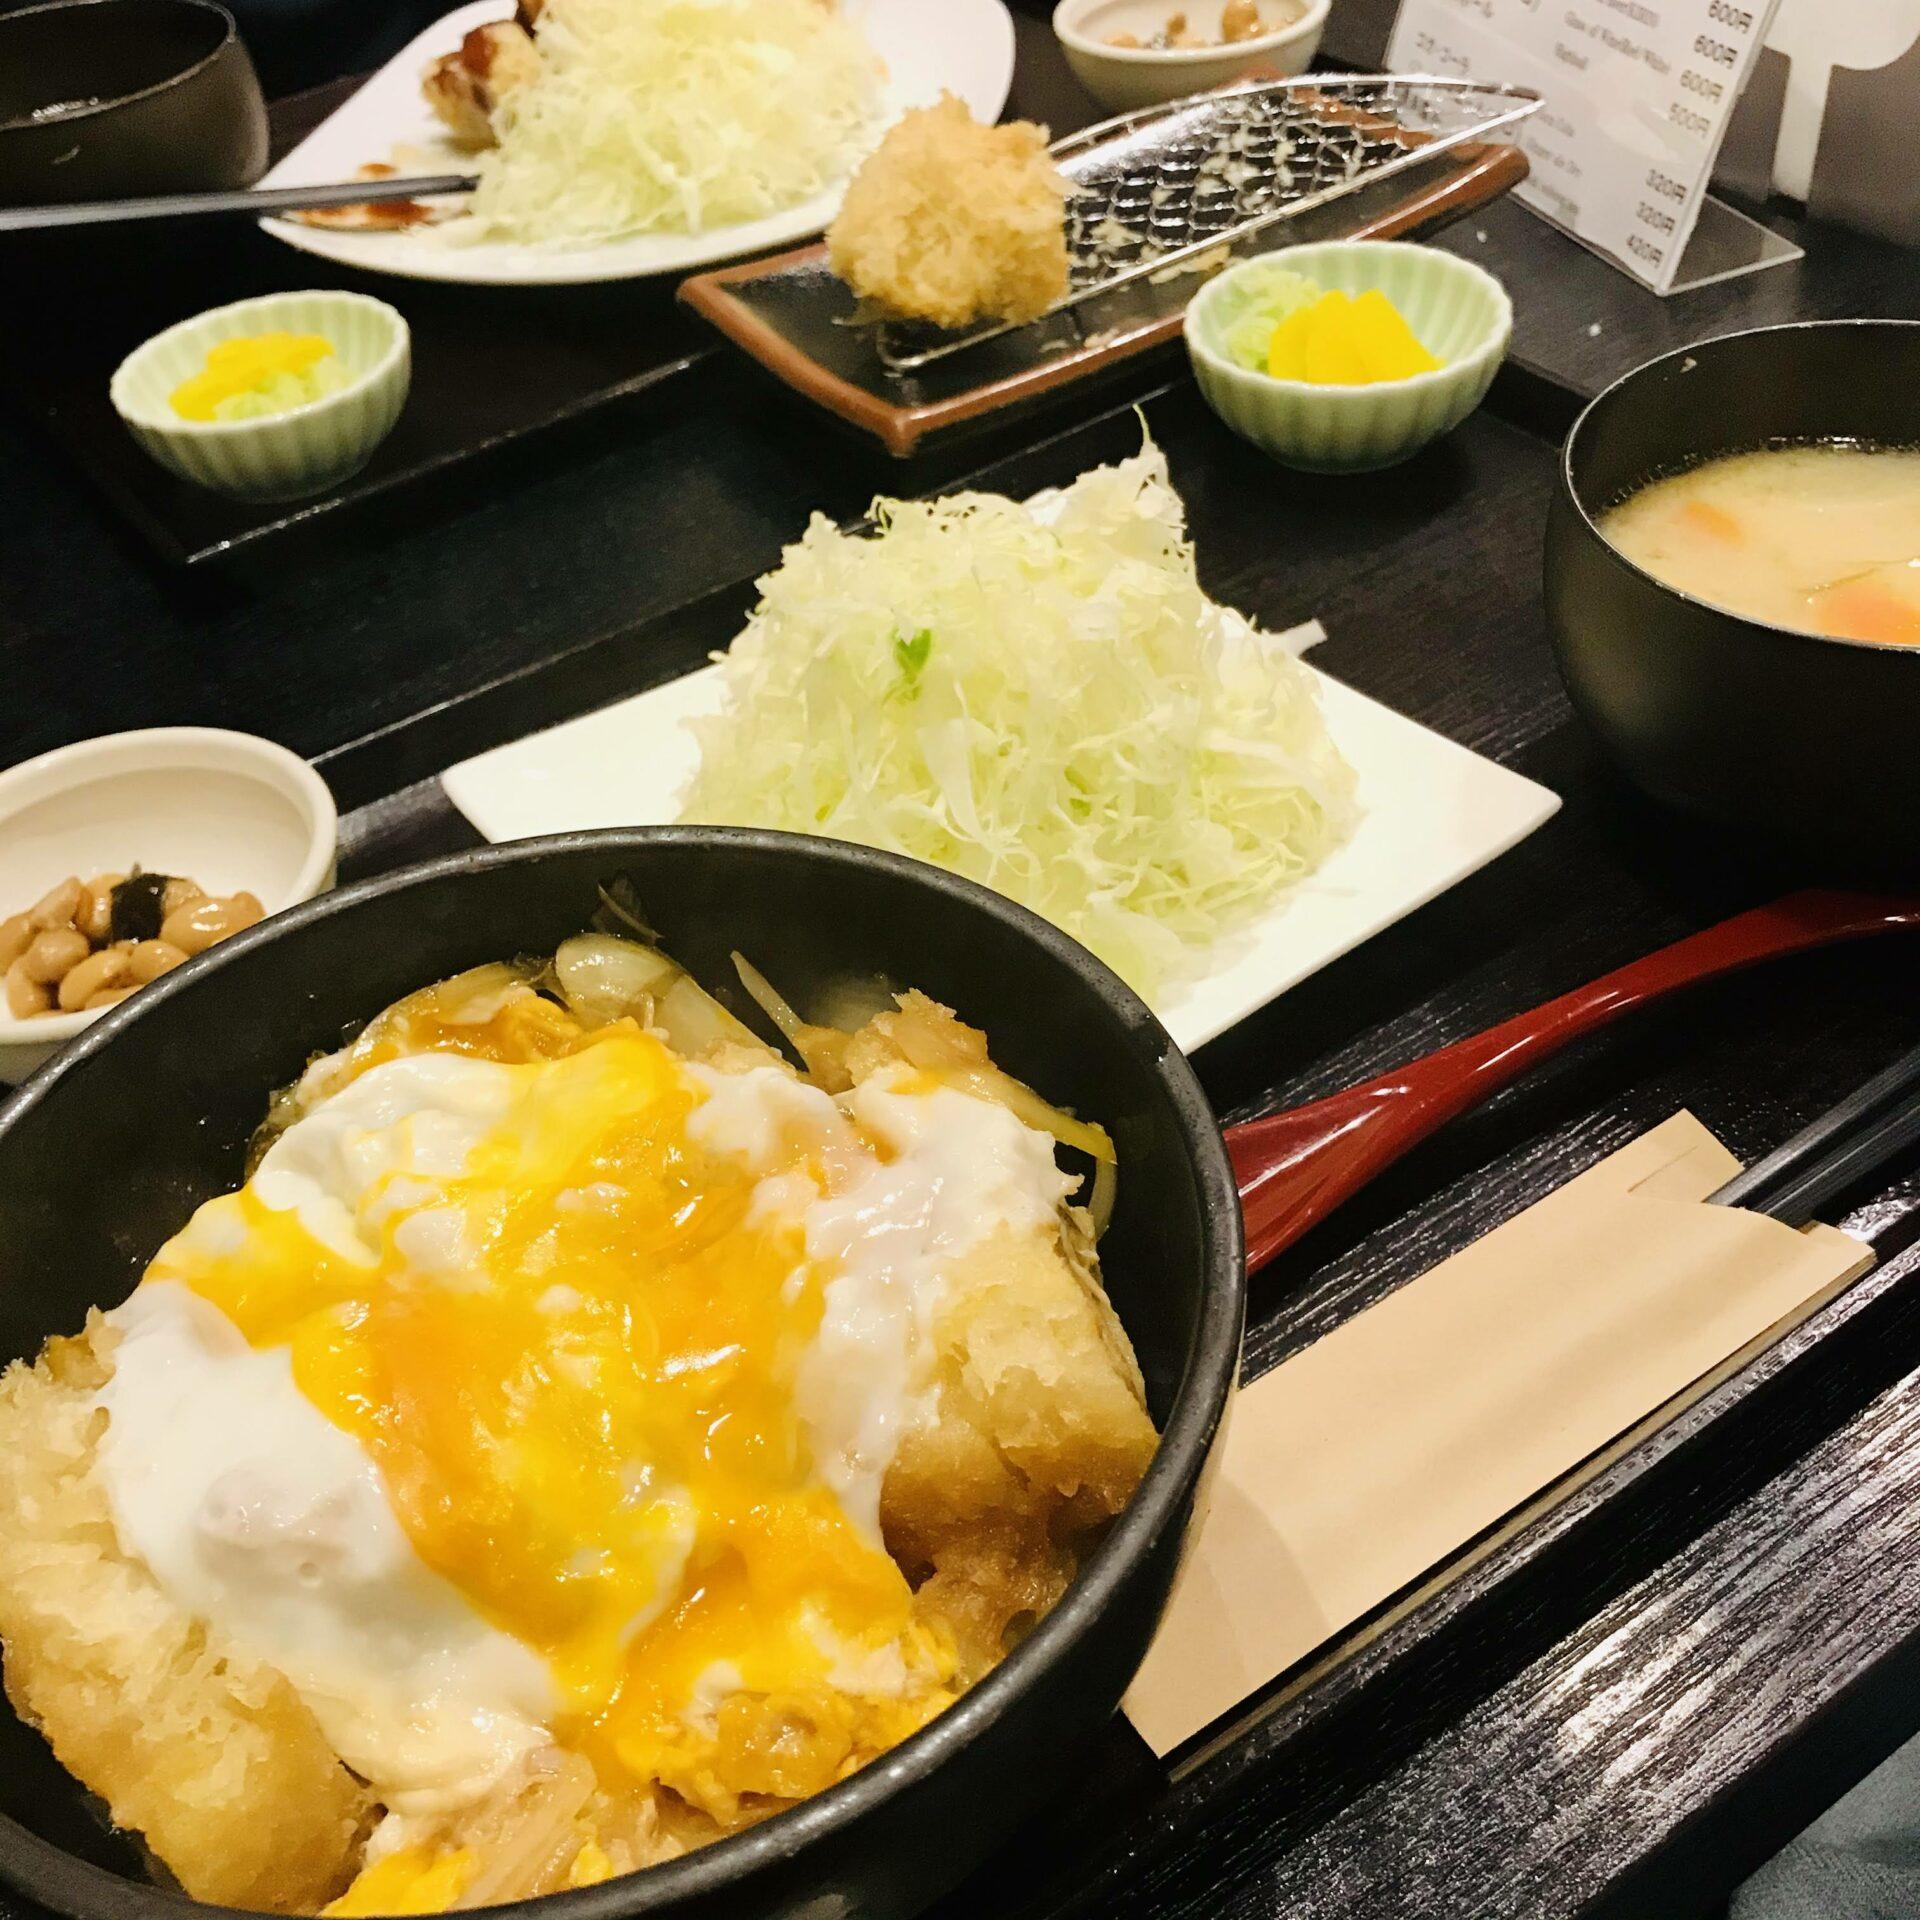 Tonkatsu at Narikura with Egg